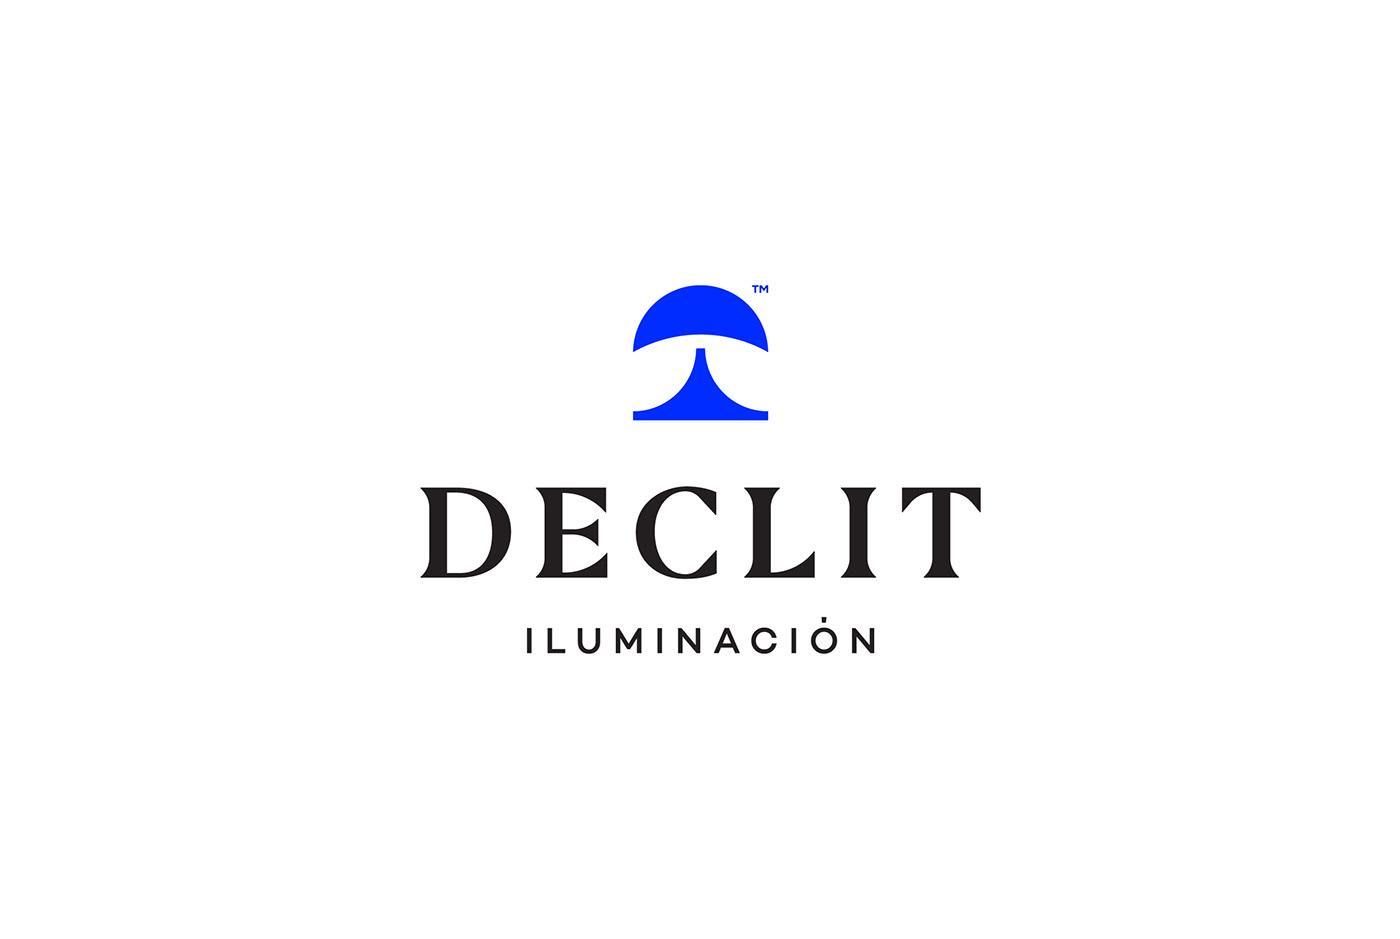 Declit家居灯具品牌标志设计